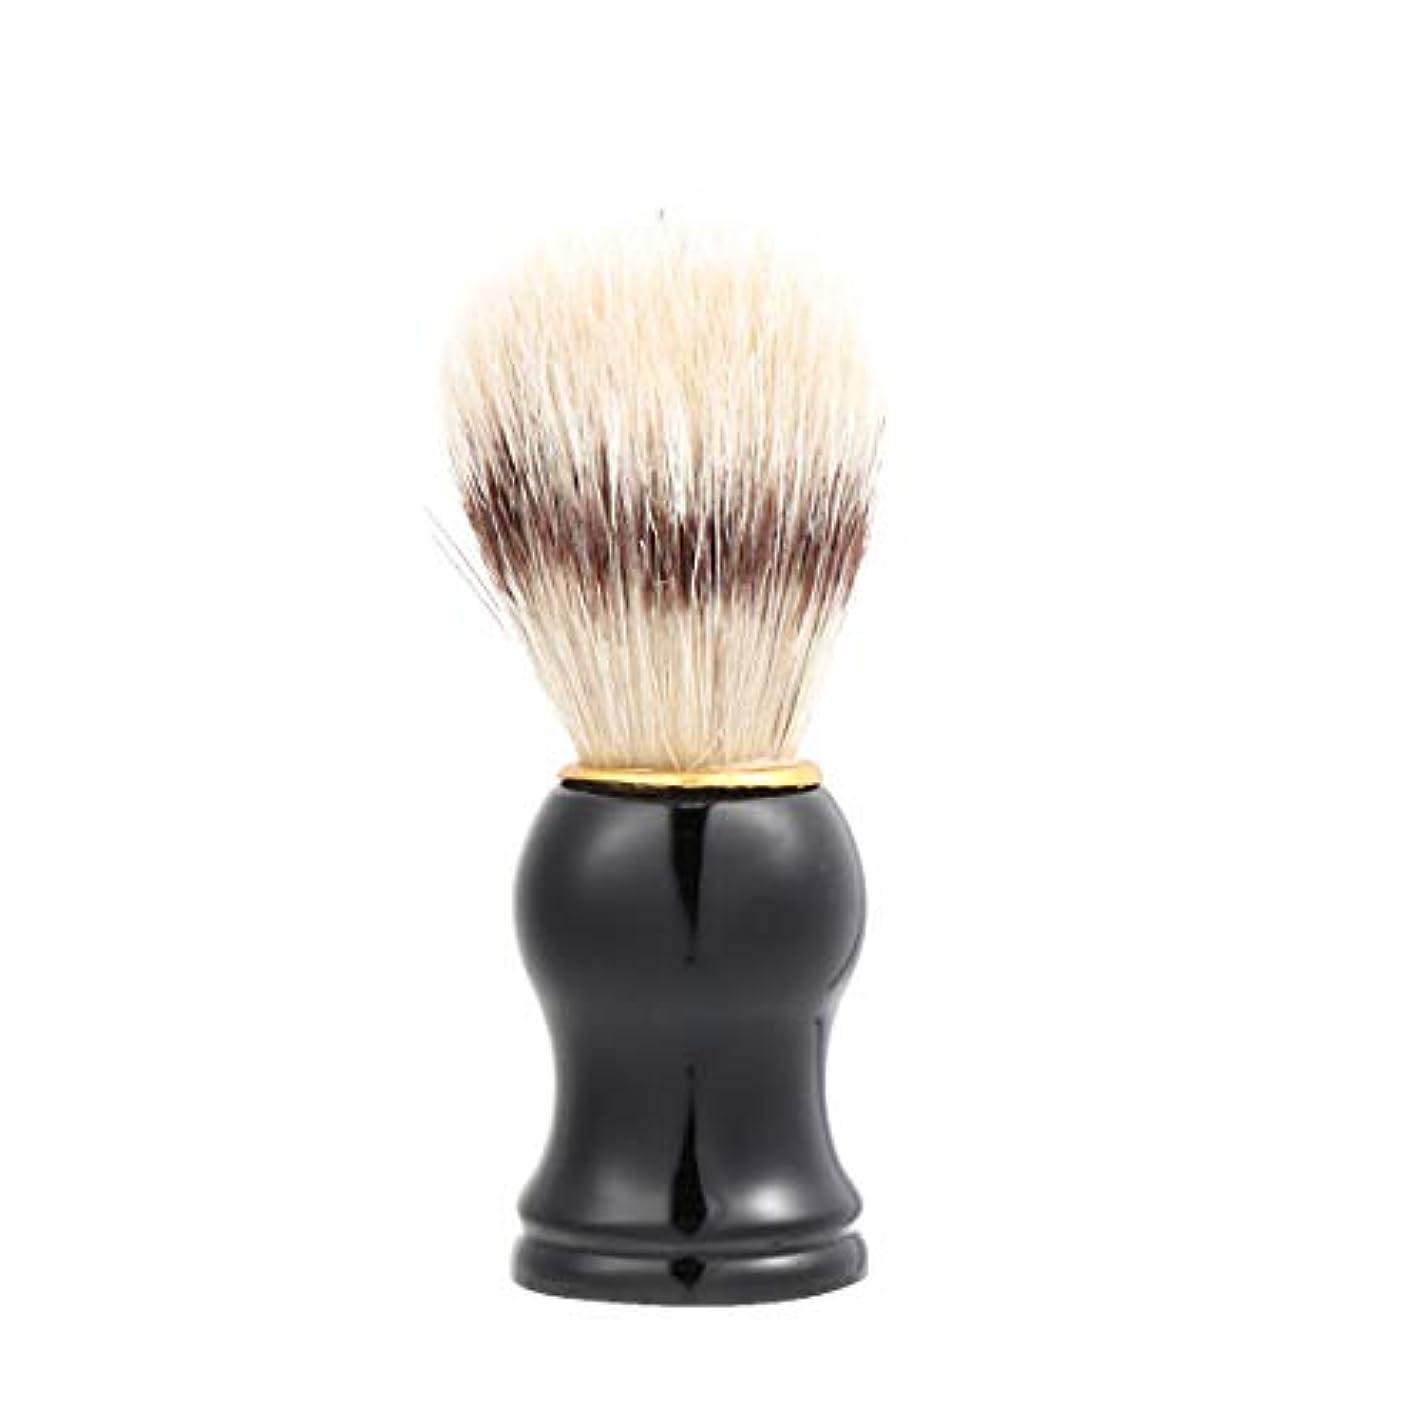 あごひげこんにちは国家Lurrose 男性の剃毛ブラシ 毛髭ひげ 剃毛ブラシ ソフト フェイシャルケア ヘアクレンジングブラシ